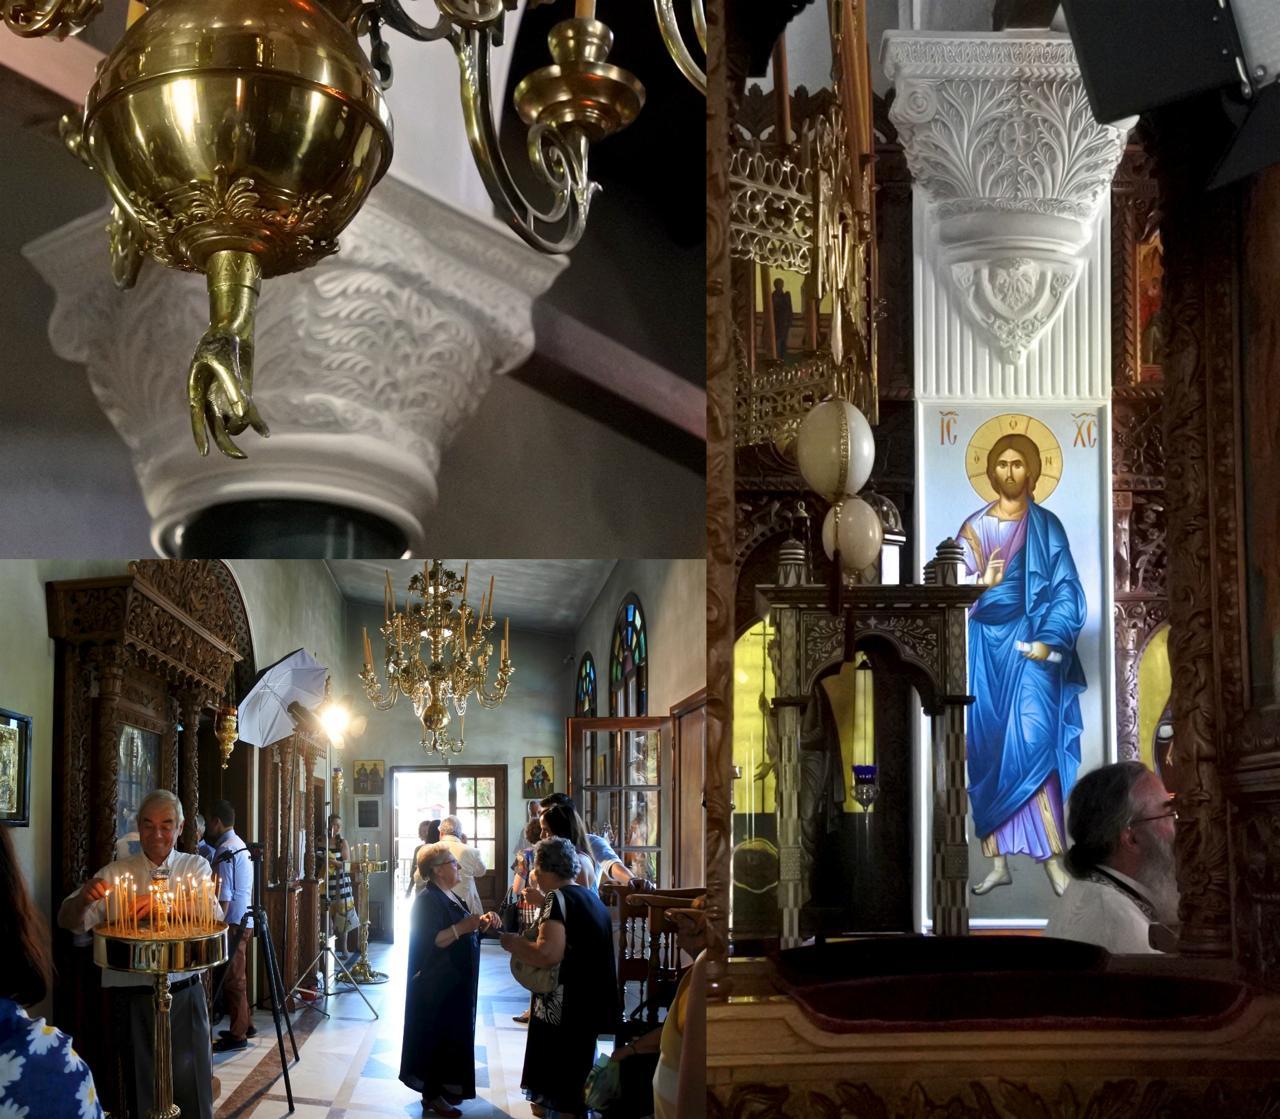 美しい修道院でした。ランプの先についた手は印を結んでいるのですが、きっと観音様、つまり聖母マリアの救いの手なんでしょうね ^^